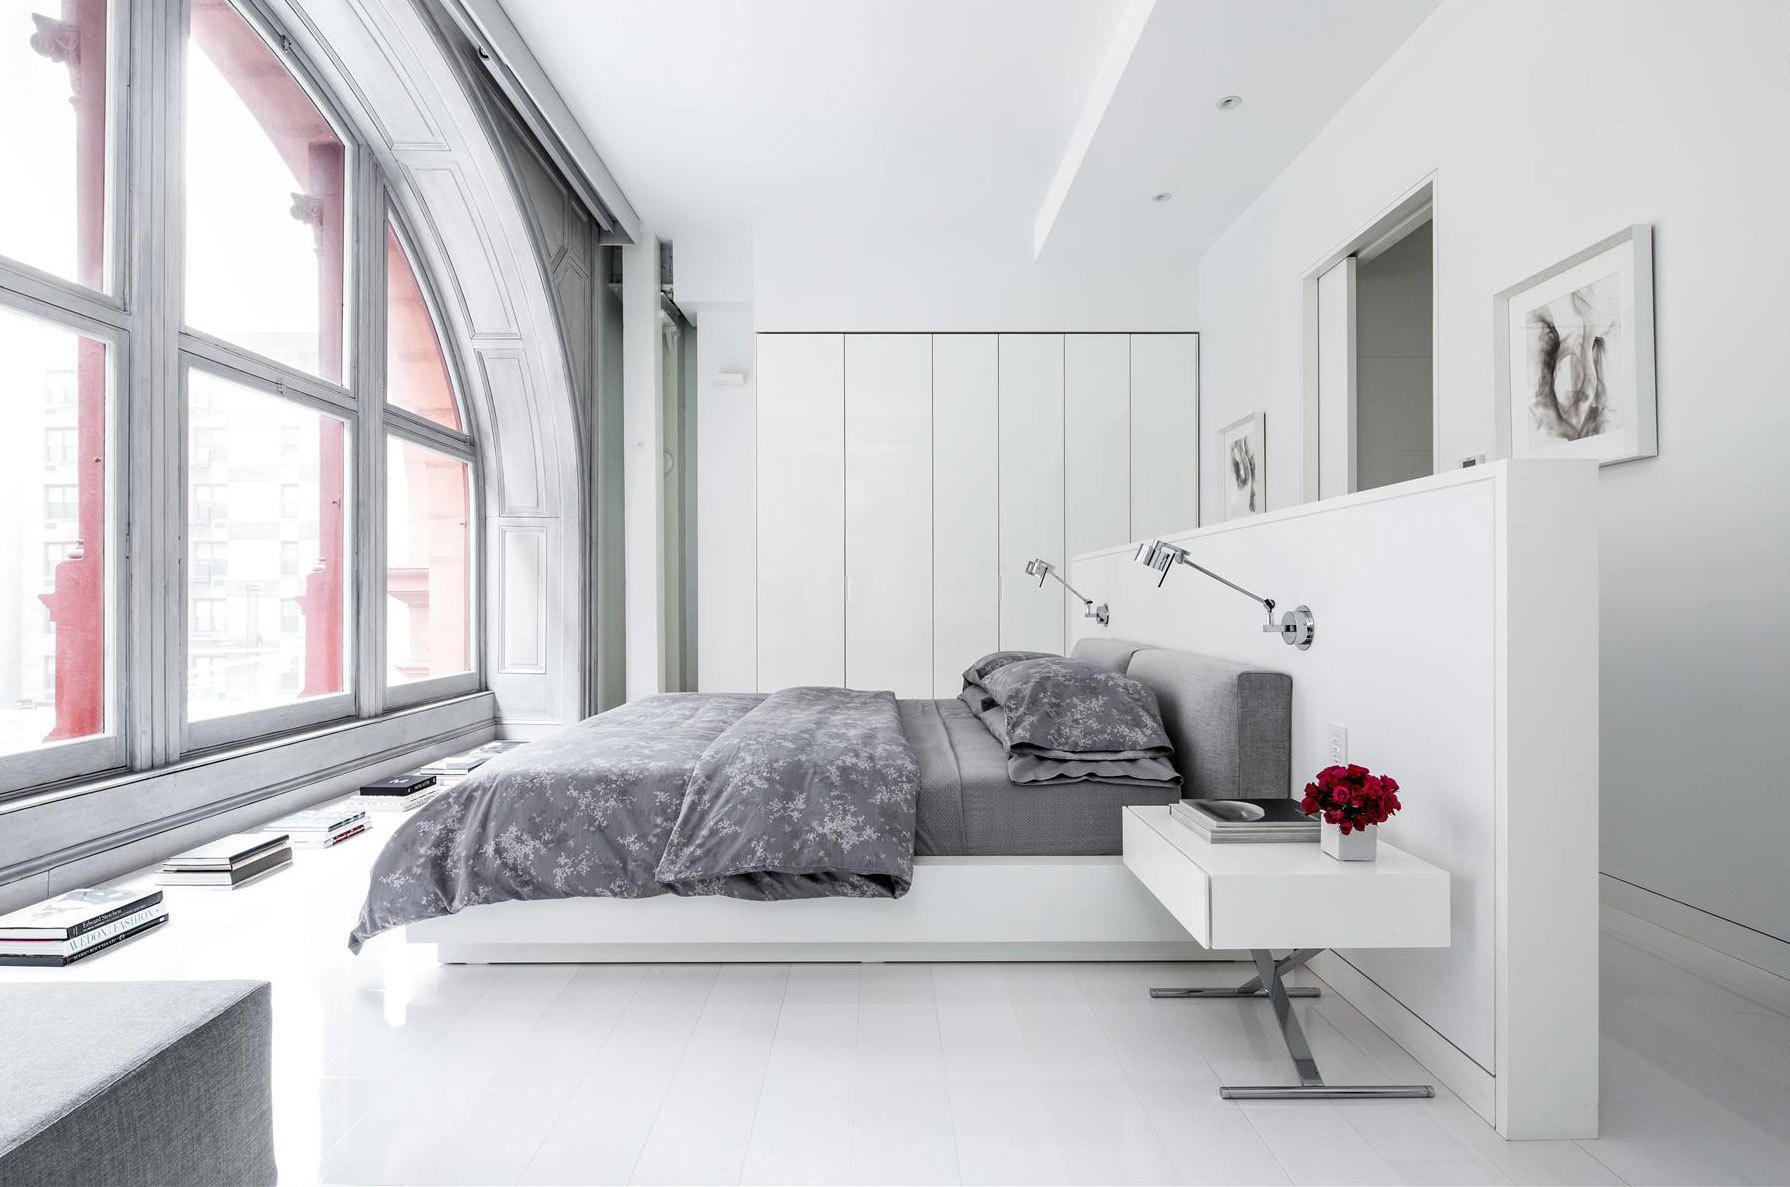 欧式风格装修_黑与白的颜色搭配